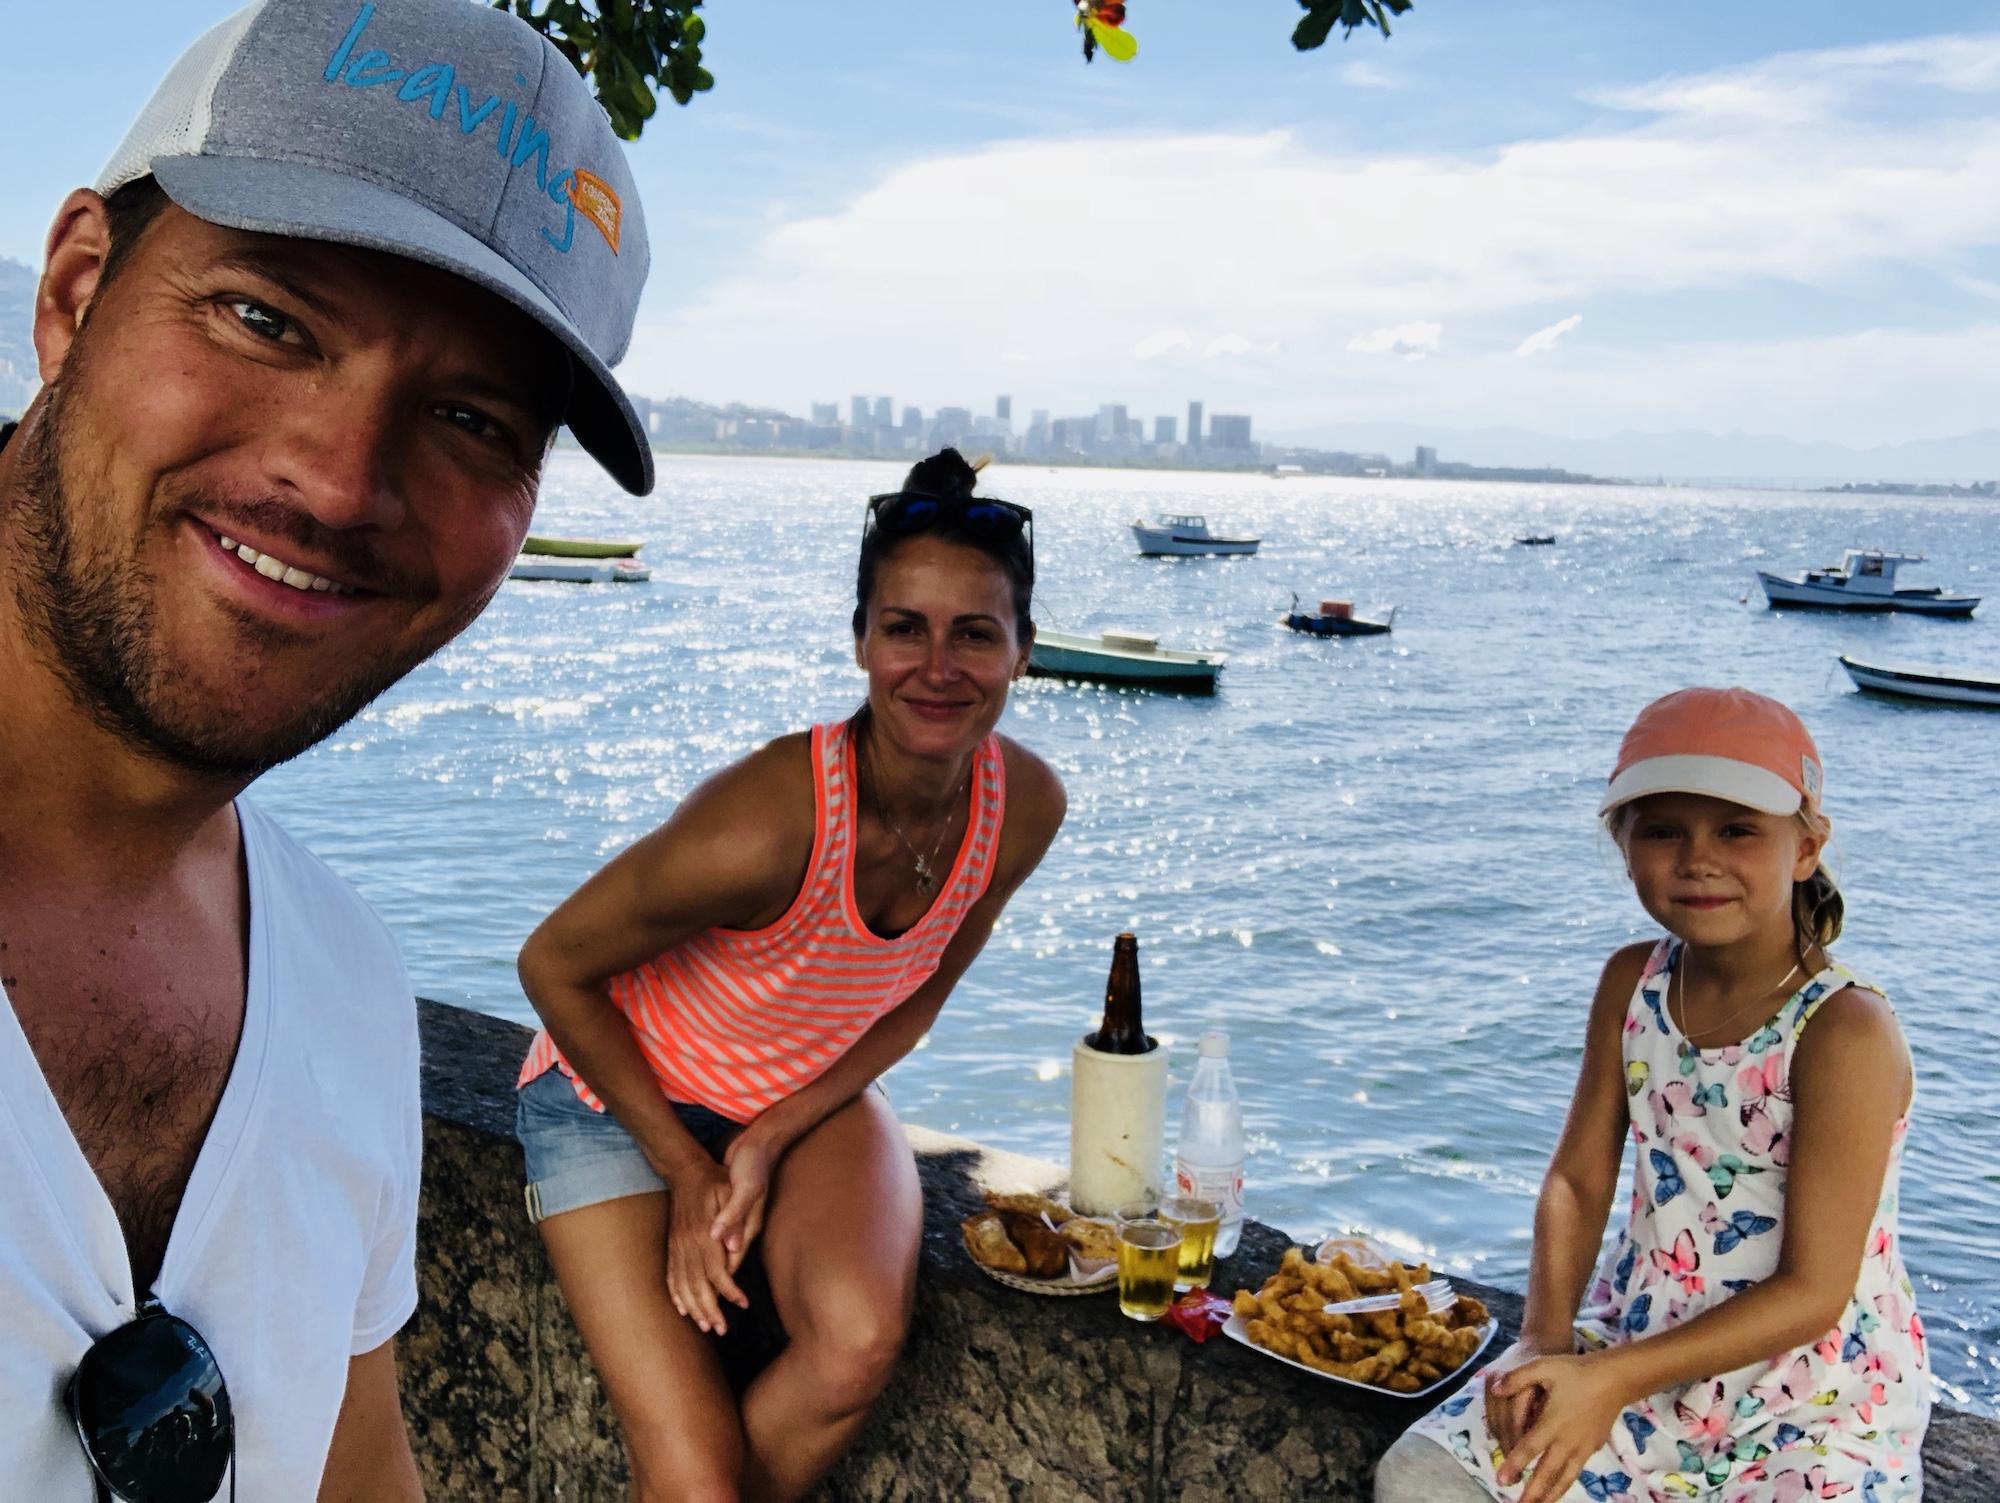 Familie isst bei der Bar Urca in Rio auf einer Mauer am Meer